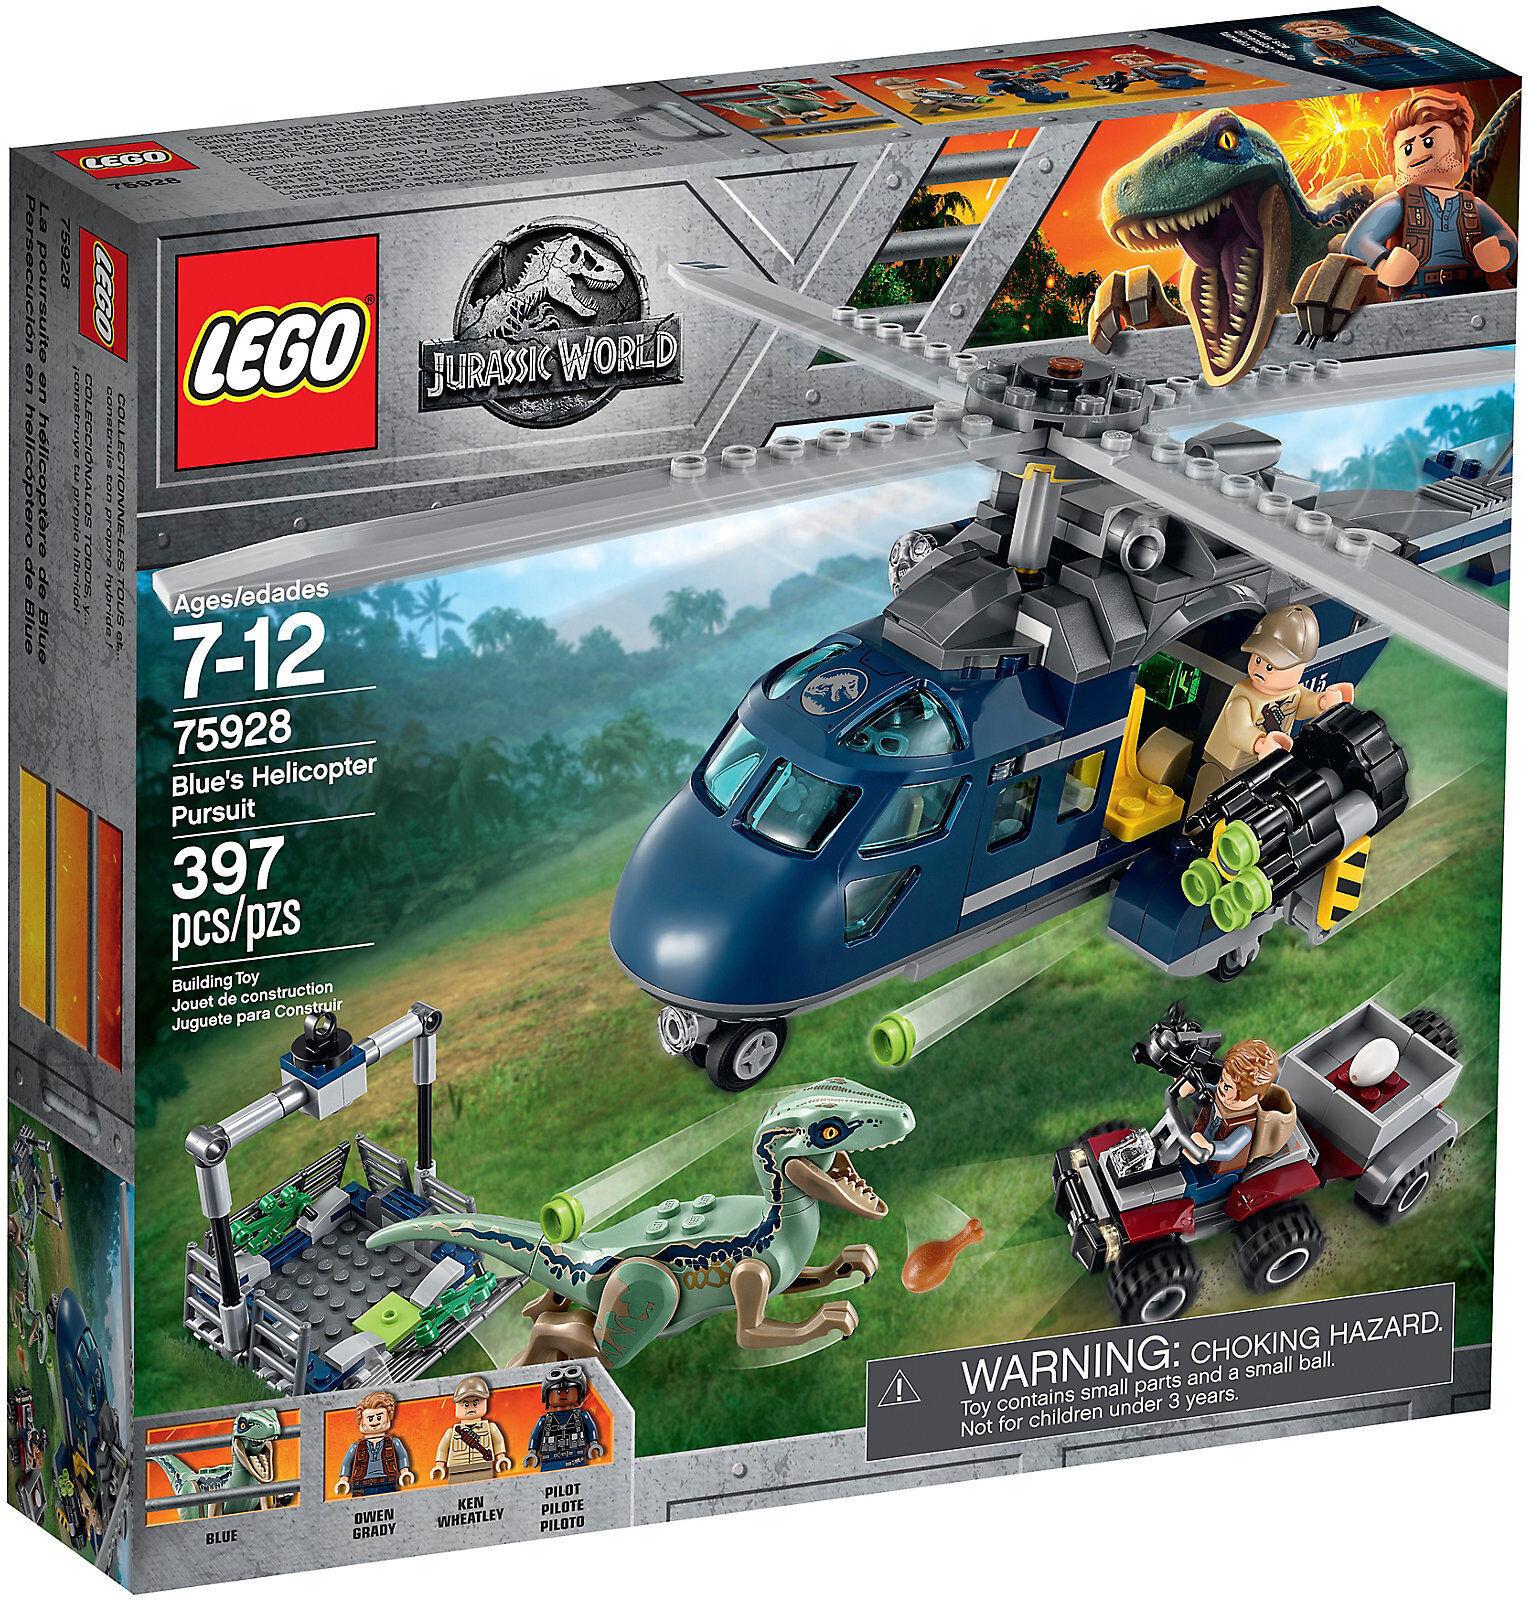 LEGO Jurassic World 75928 - Inseguimento Sull'elicottero Di Blau NUOVO